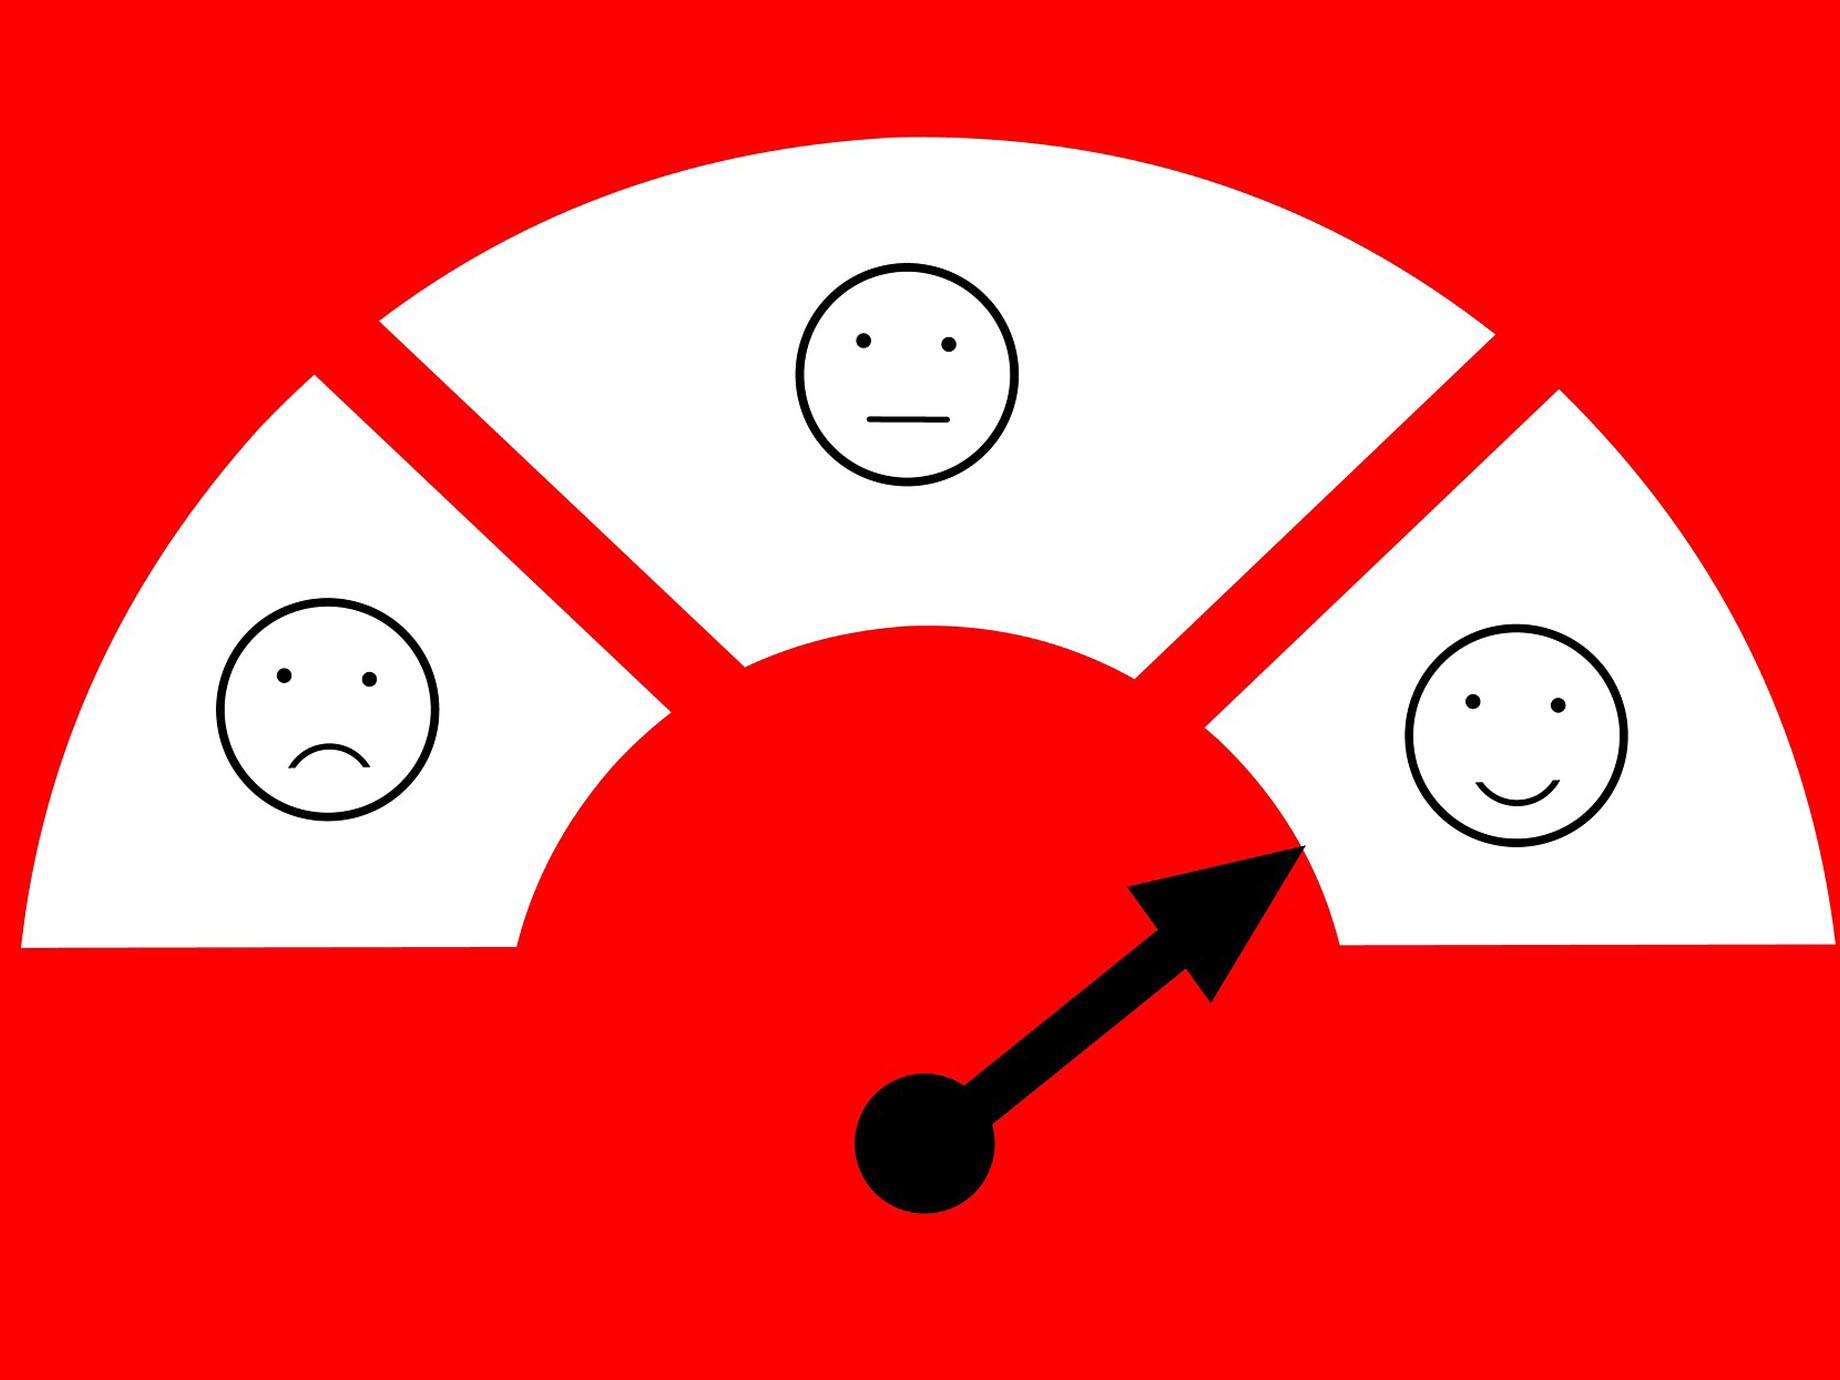 6大方法一次搞懂「顧客終身價值」!教你成功算出留存率,利潤高漲95%